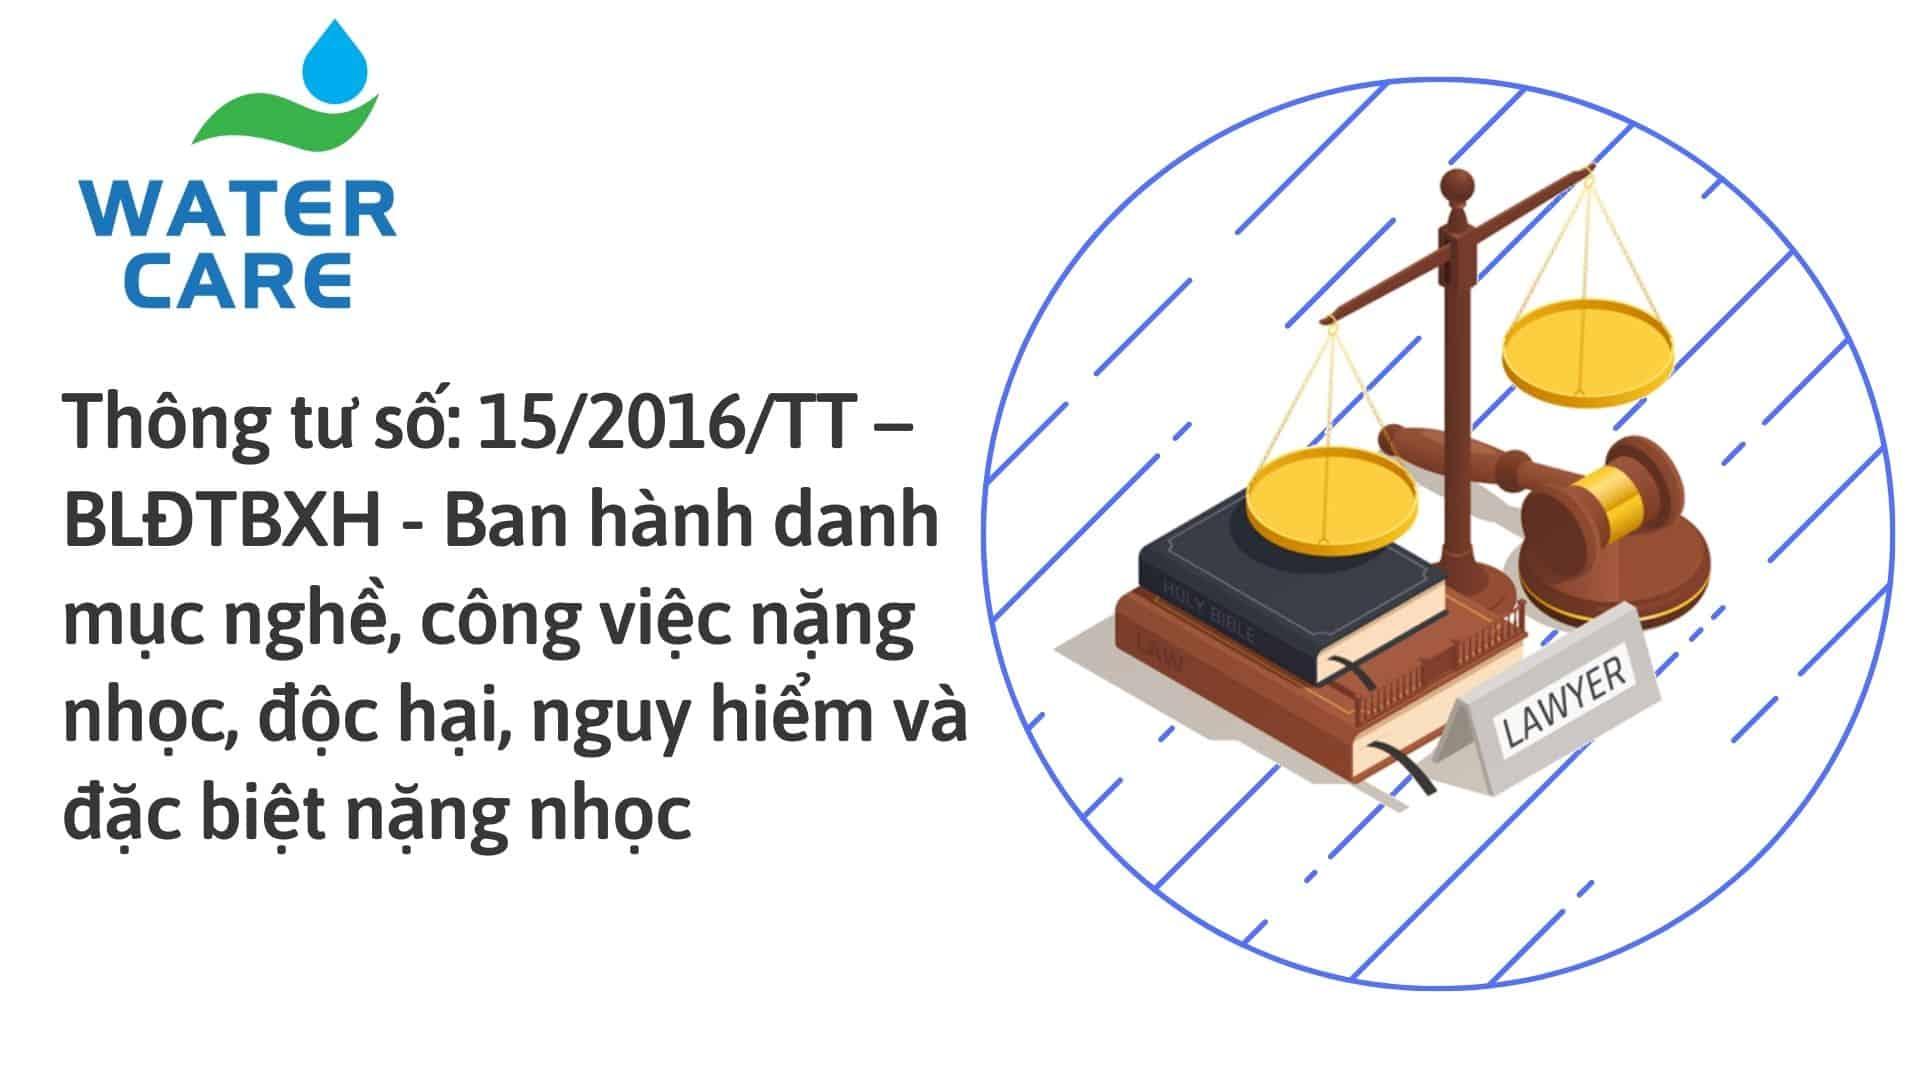 Thông tư số 152016TT-BLĐTBXH và Thông tư số 252013TT-BLĐTBXH (1)